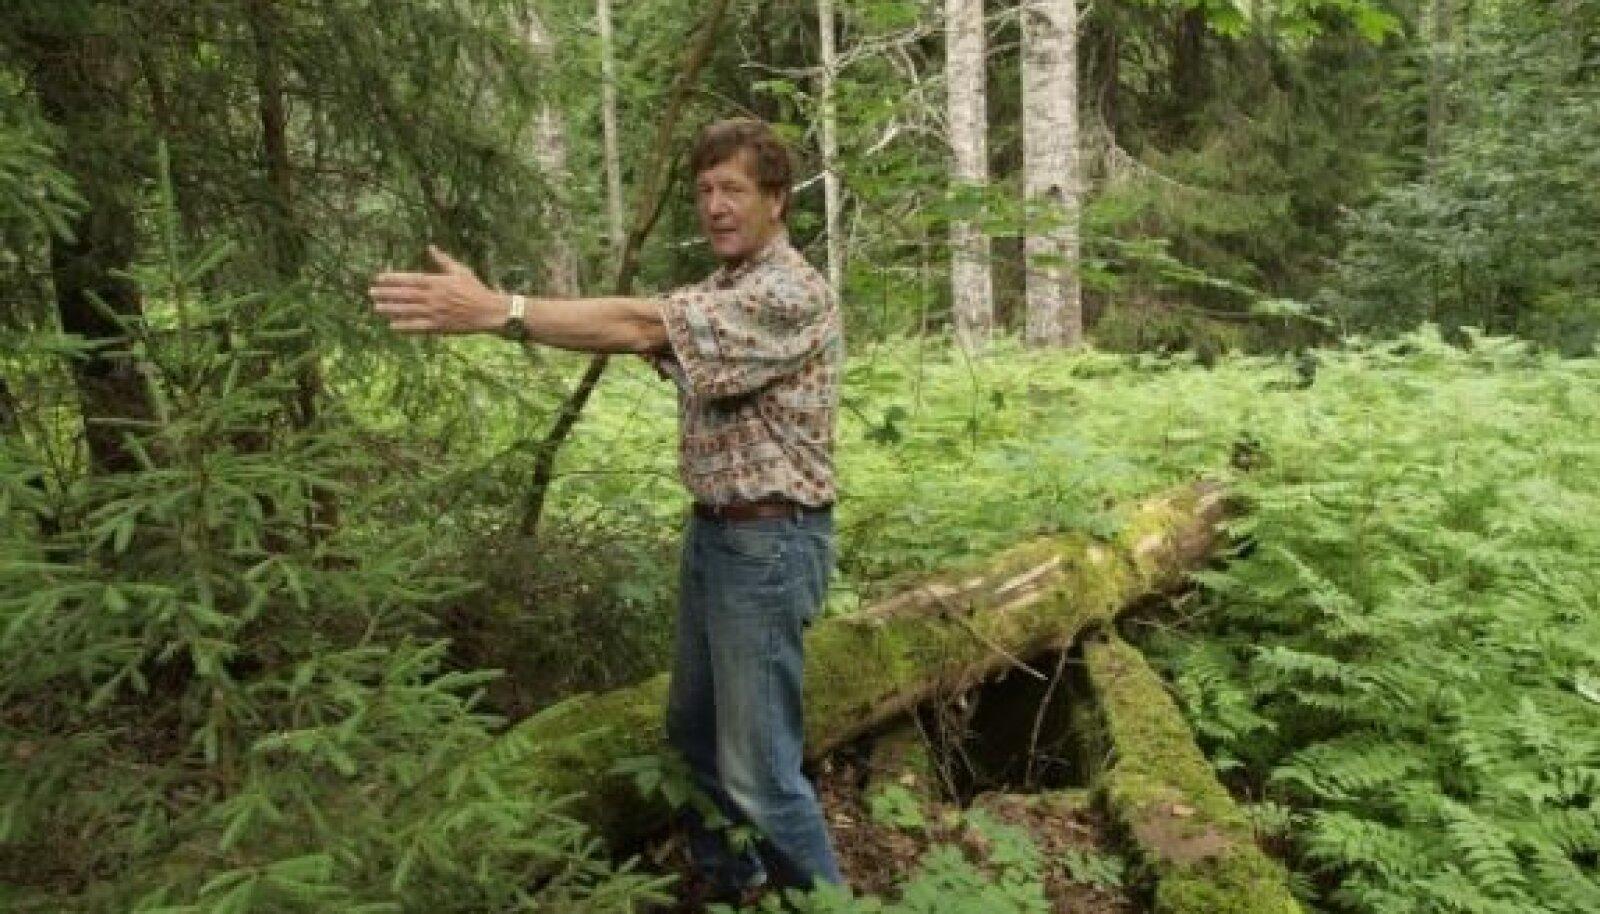 Koitjärve erak Jaak Veisserik on veendunud, et just Koitjärve paigad, kus A. H. Tammsaare suviti end laadimas käis, on klassikut suurromaani loomisel otsustavalt mõjutanud. Kahjuks ei taha Eesti riik seda kultuurilooliselt tähtsat paika väärtustada –  kõi